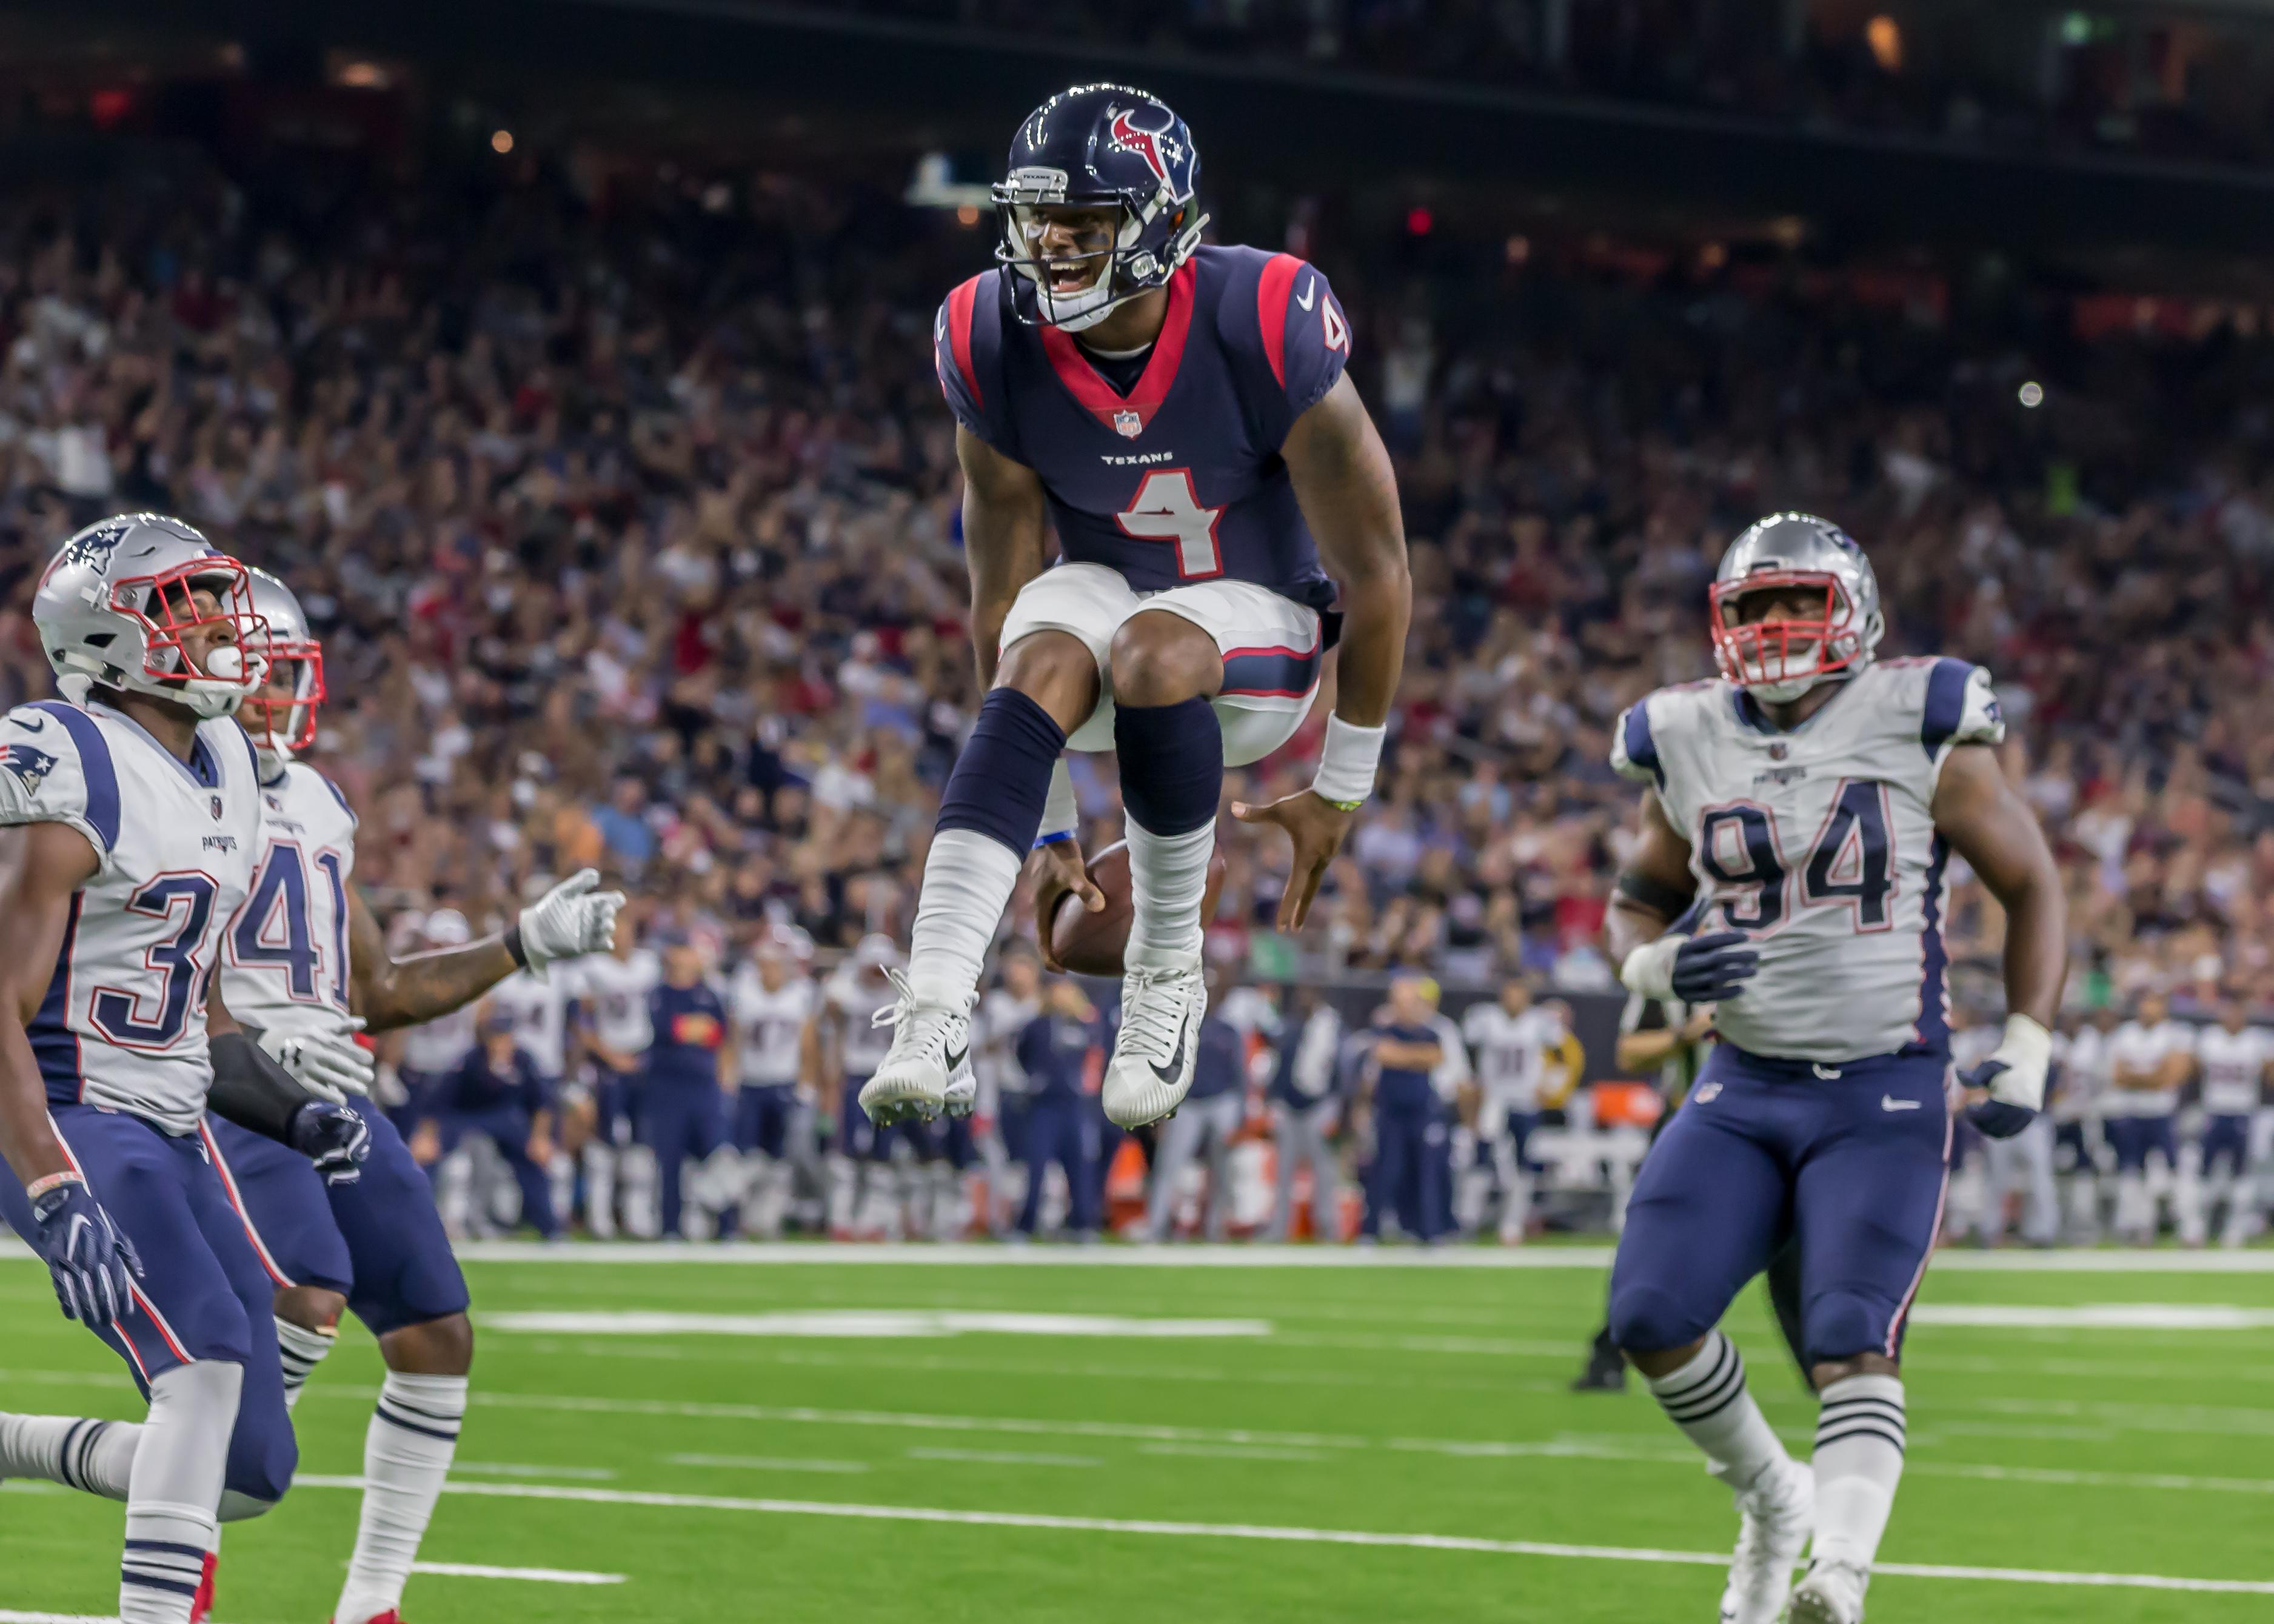 NFL: AUG 19 Preseason - Patriots at Texans